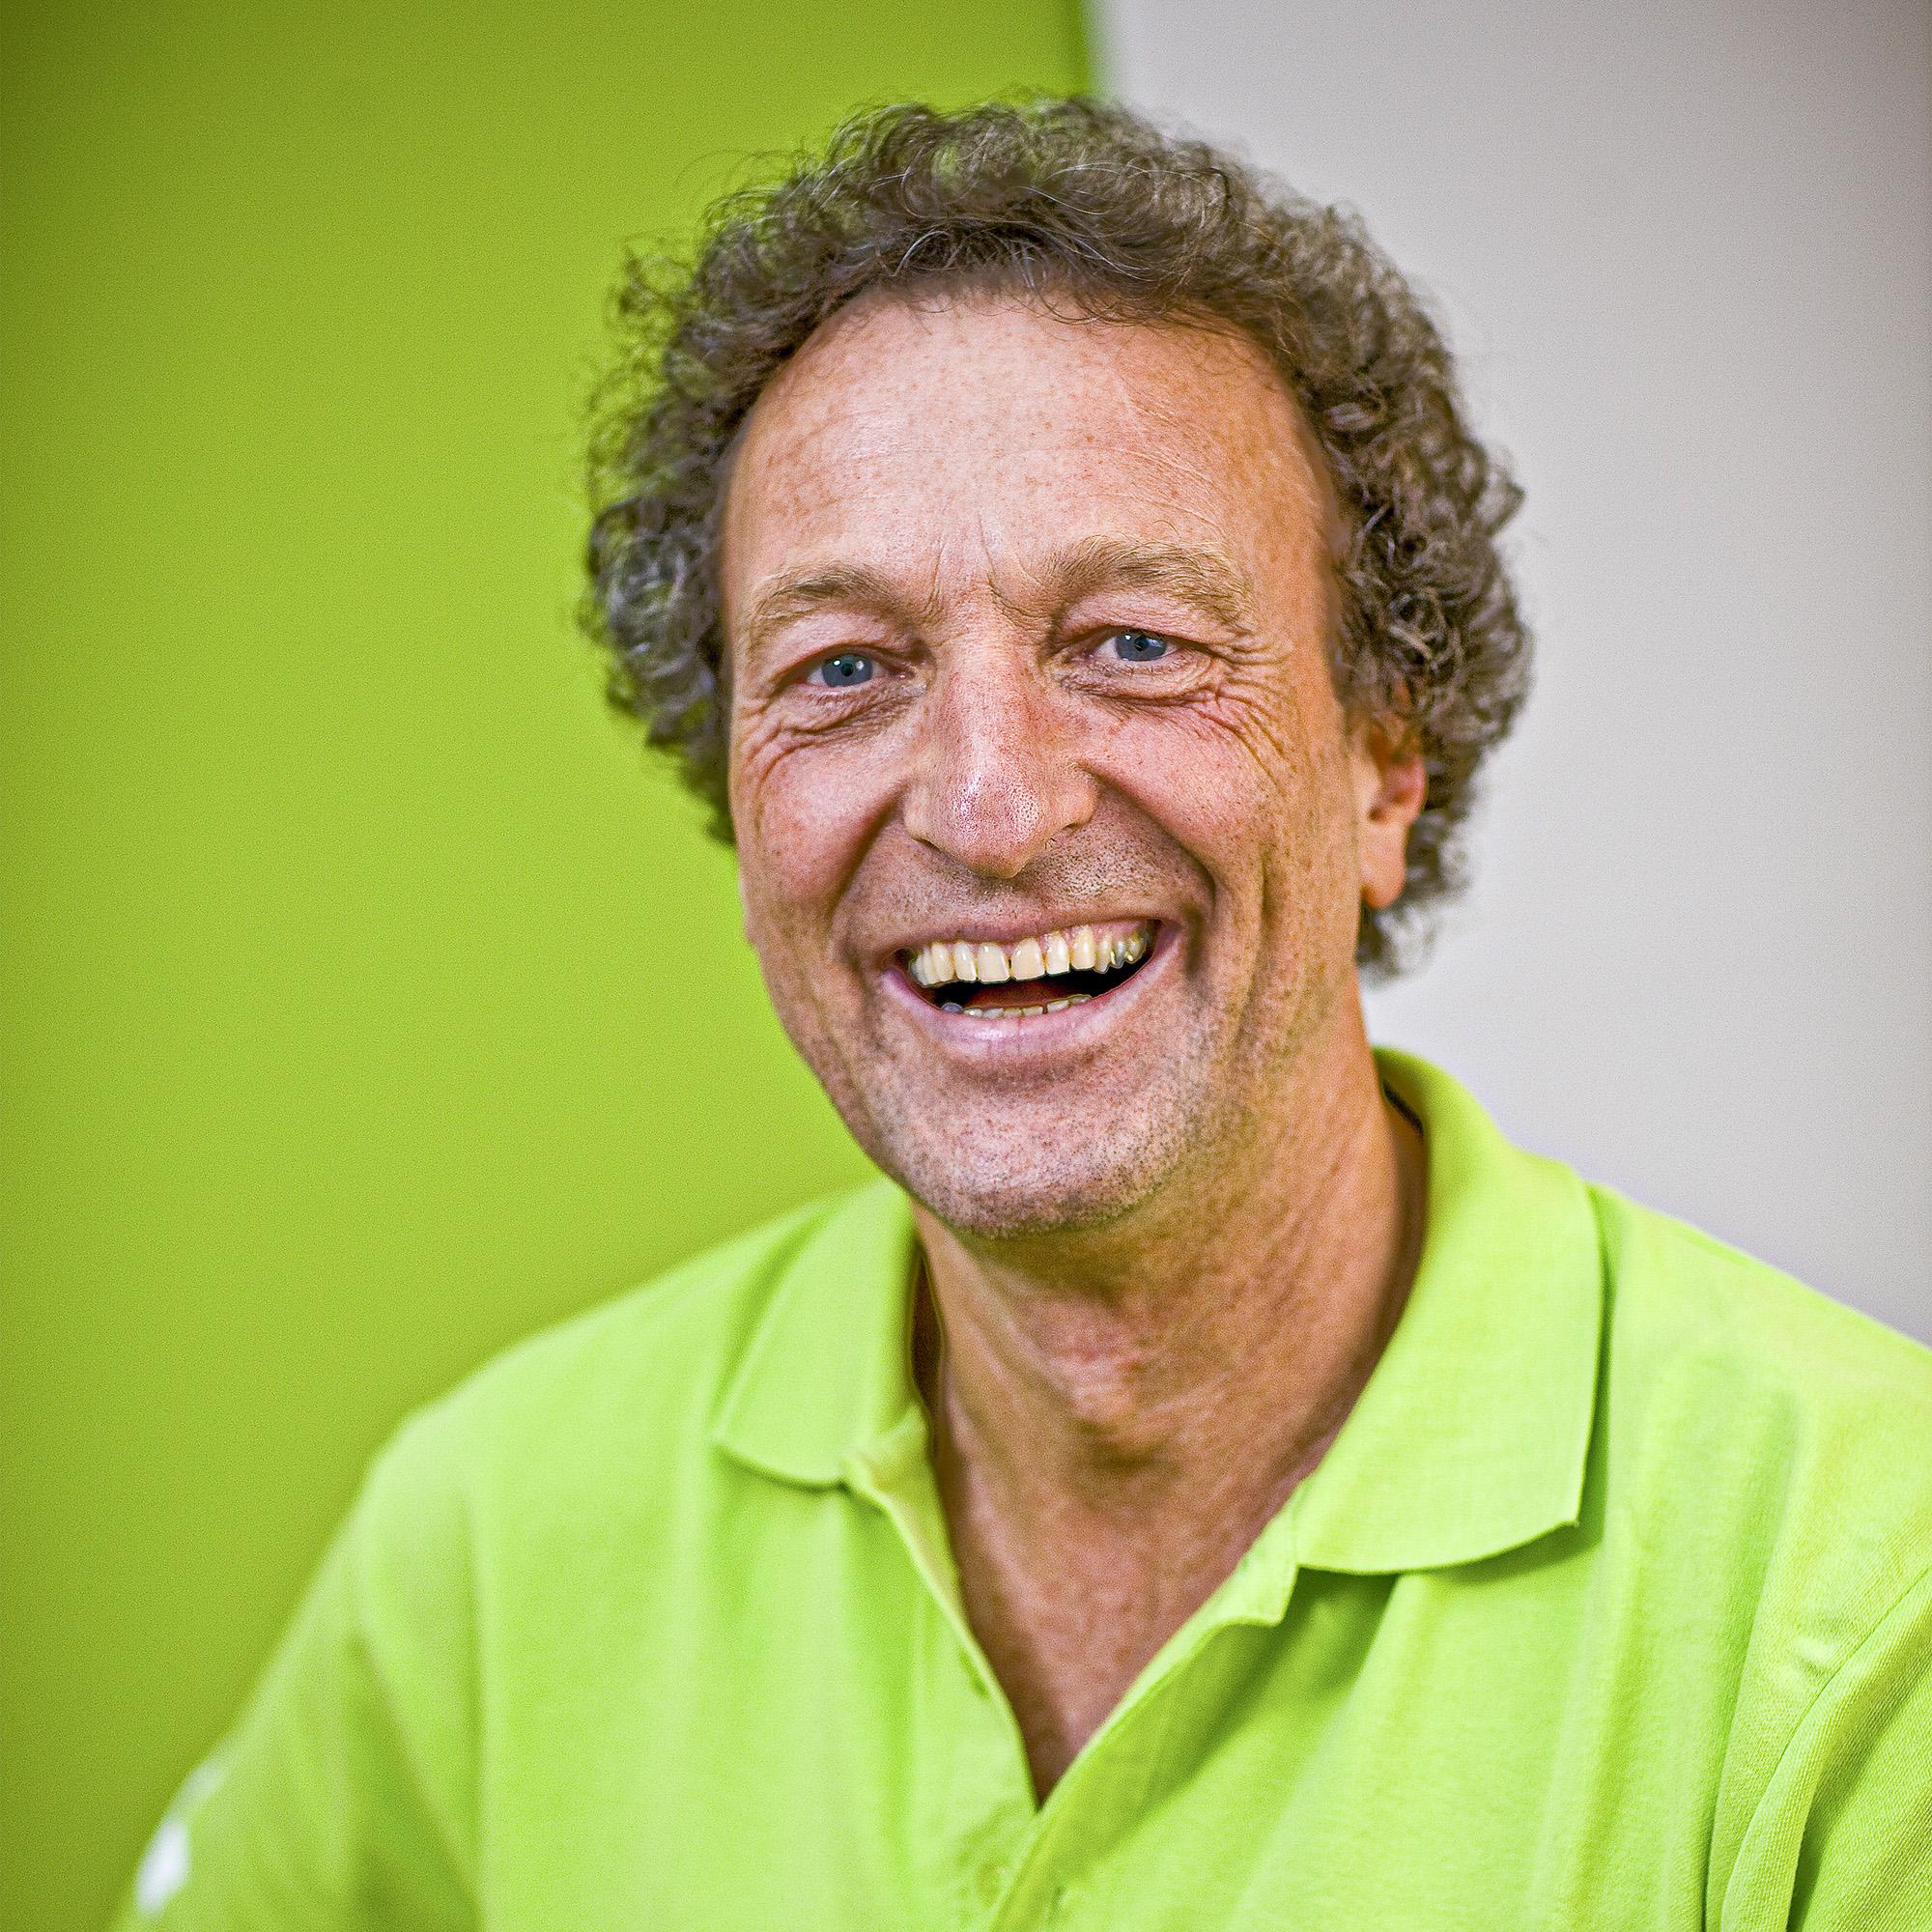 Dr. Frohmut Helmes